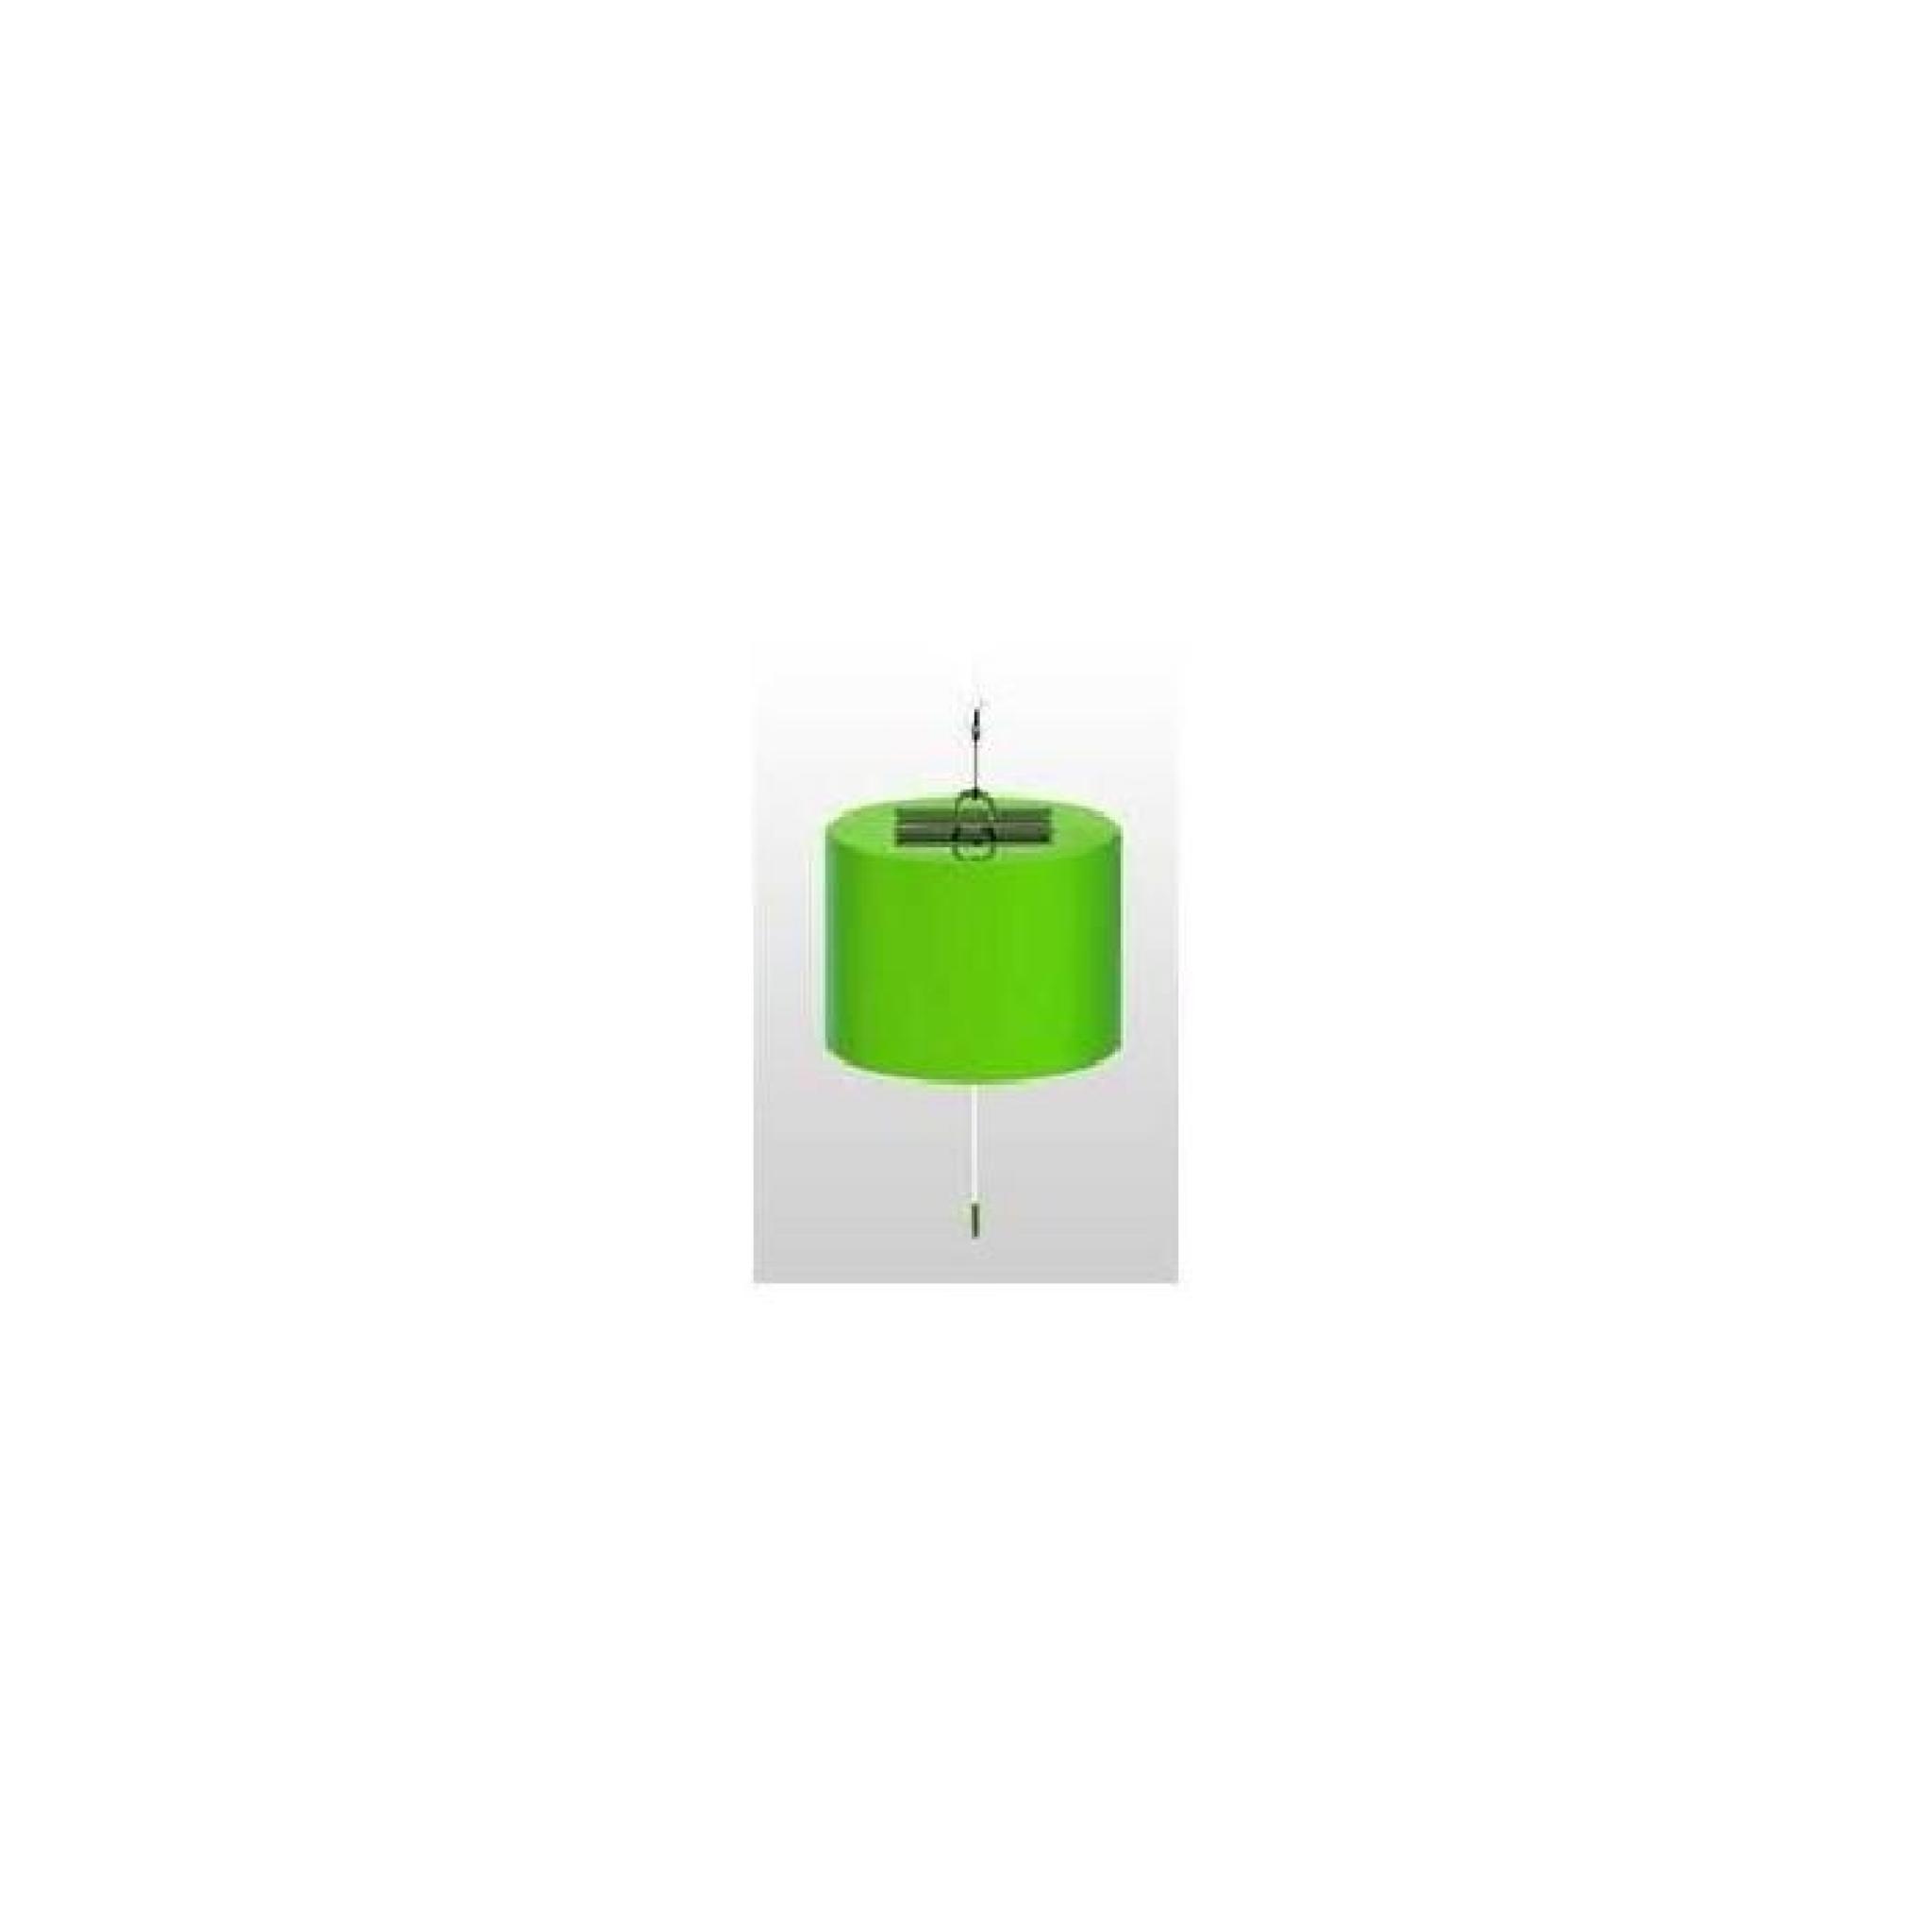 lampe solaire suspendre de couleur verte achat vente lampe solaire jardin pas cher. Black Bedroom Furniture Sets. Home Design Ideas